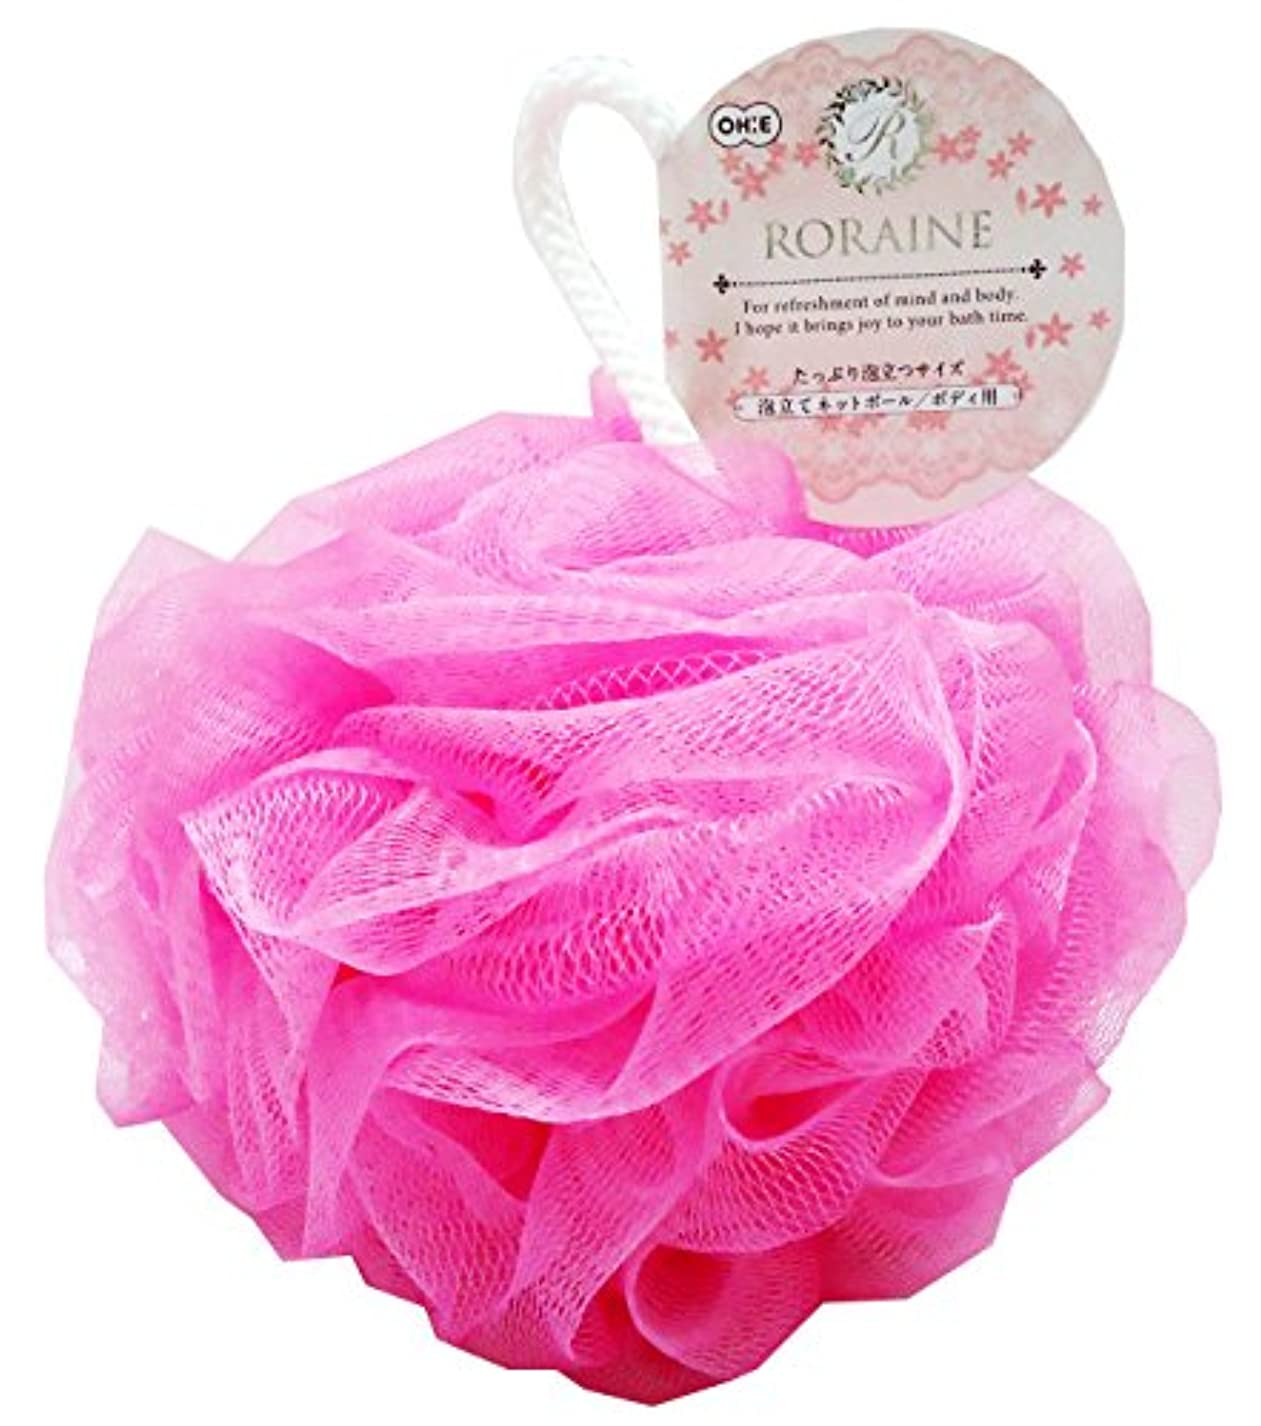 ナイトスポットサービス中でオーエ 泡立て ネット ピンク 約縦22×横12.5×奥行12.5cm ロレーヌ ネットボール ボディ用